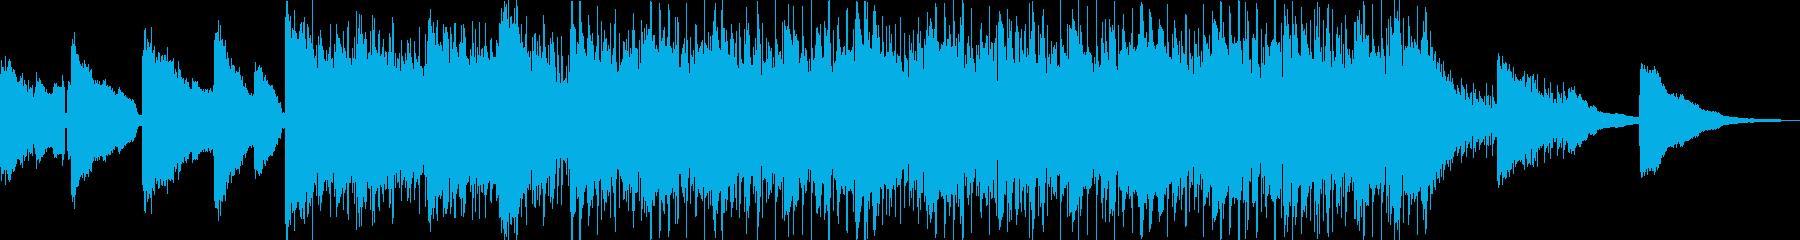 ギターアルペジオとエレピが印象的なBGMの再生済みの波形